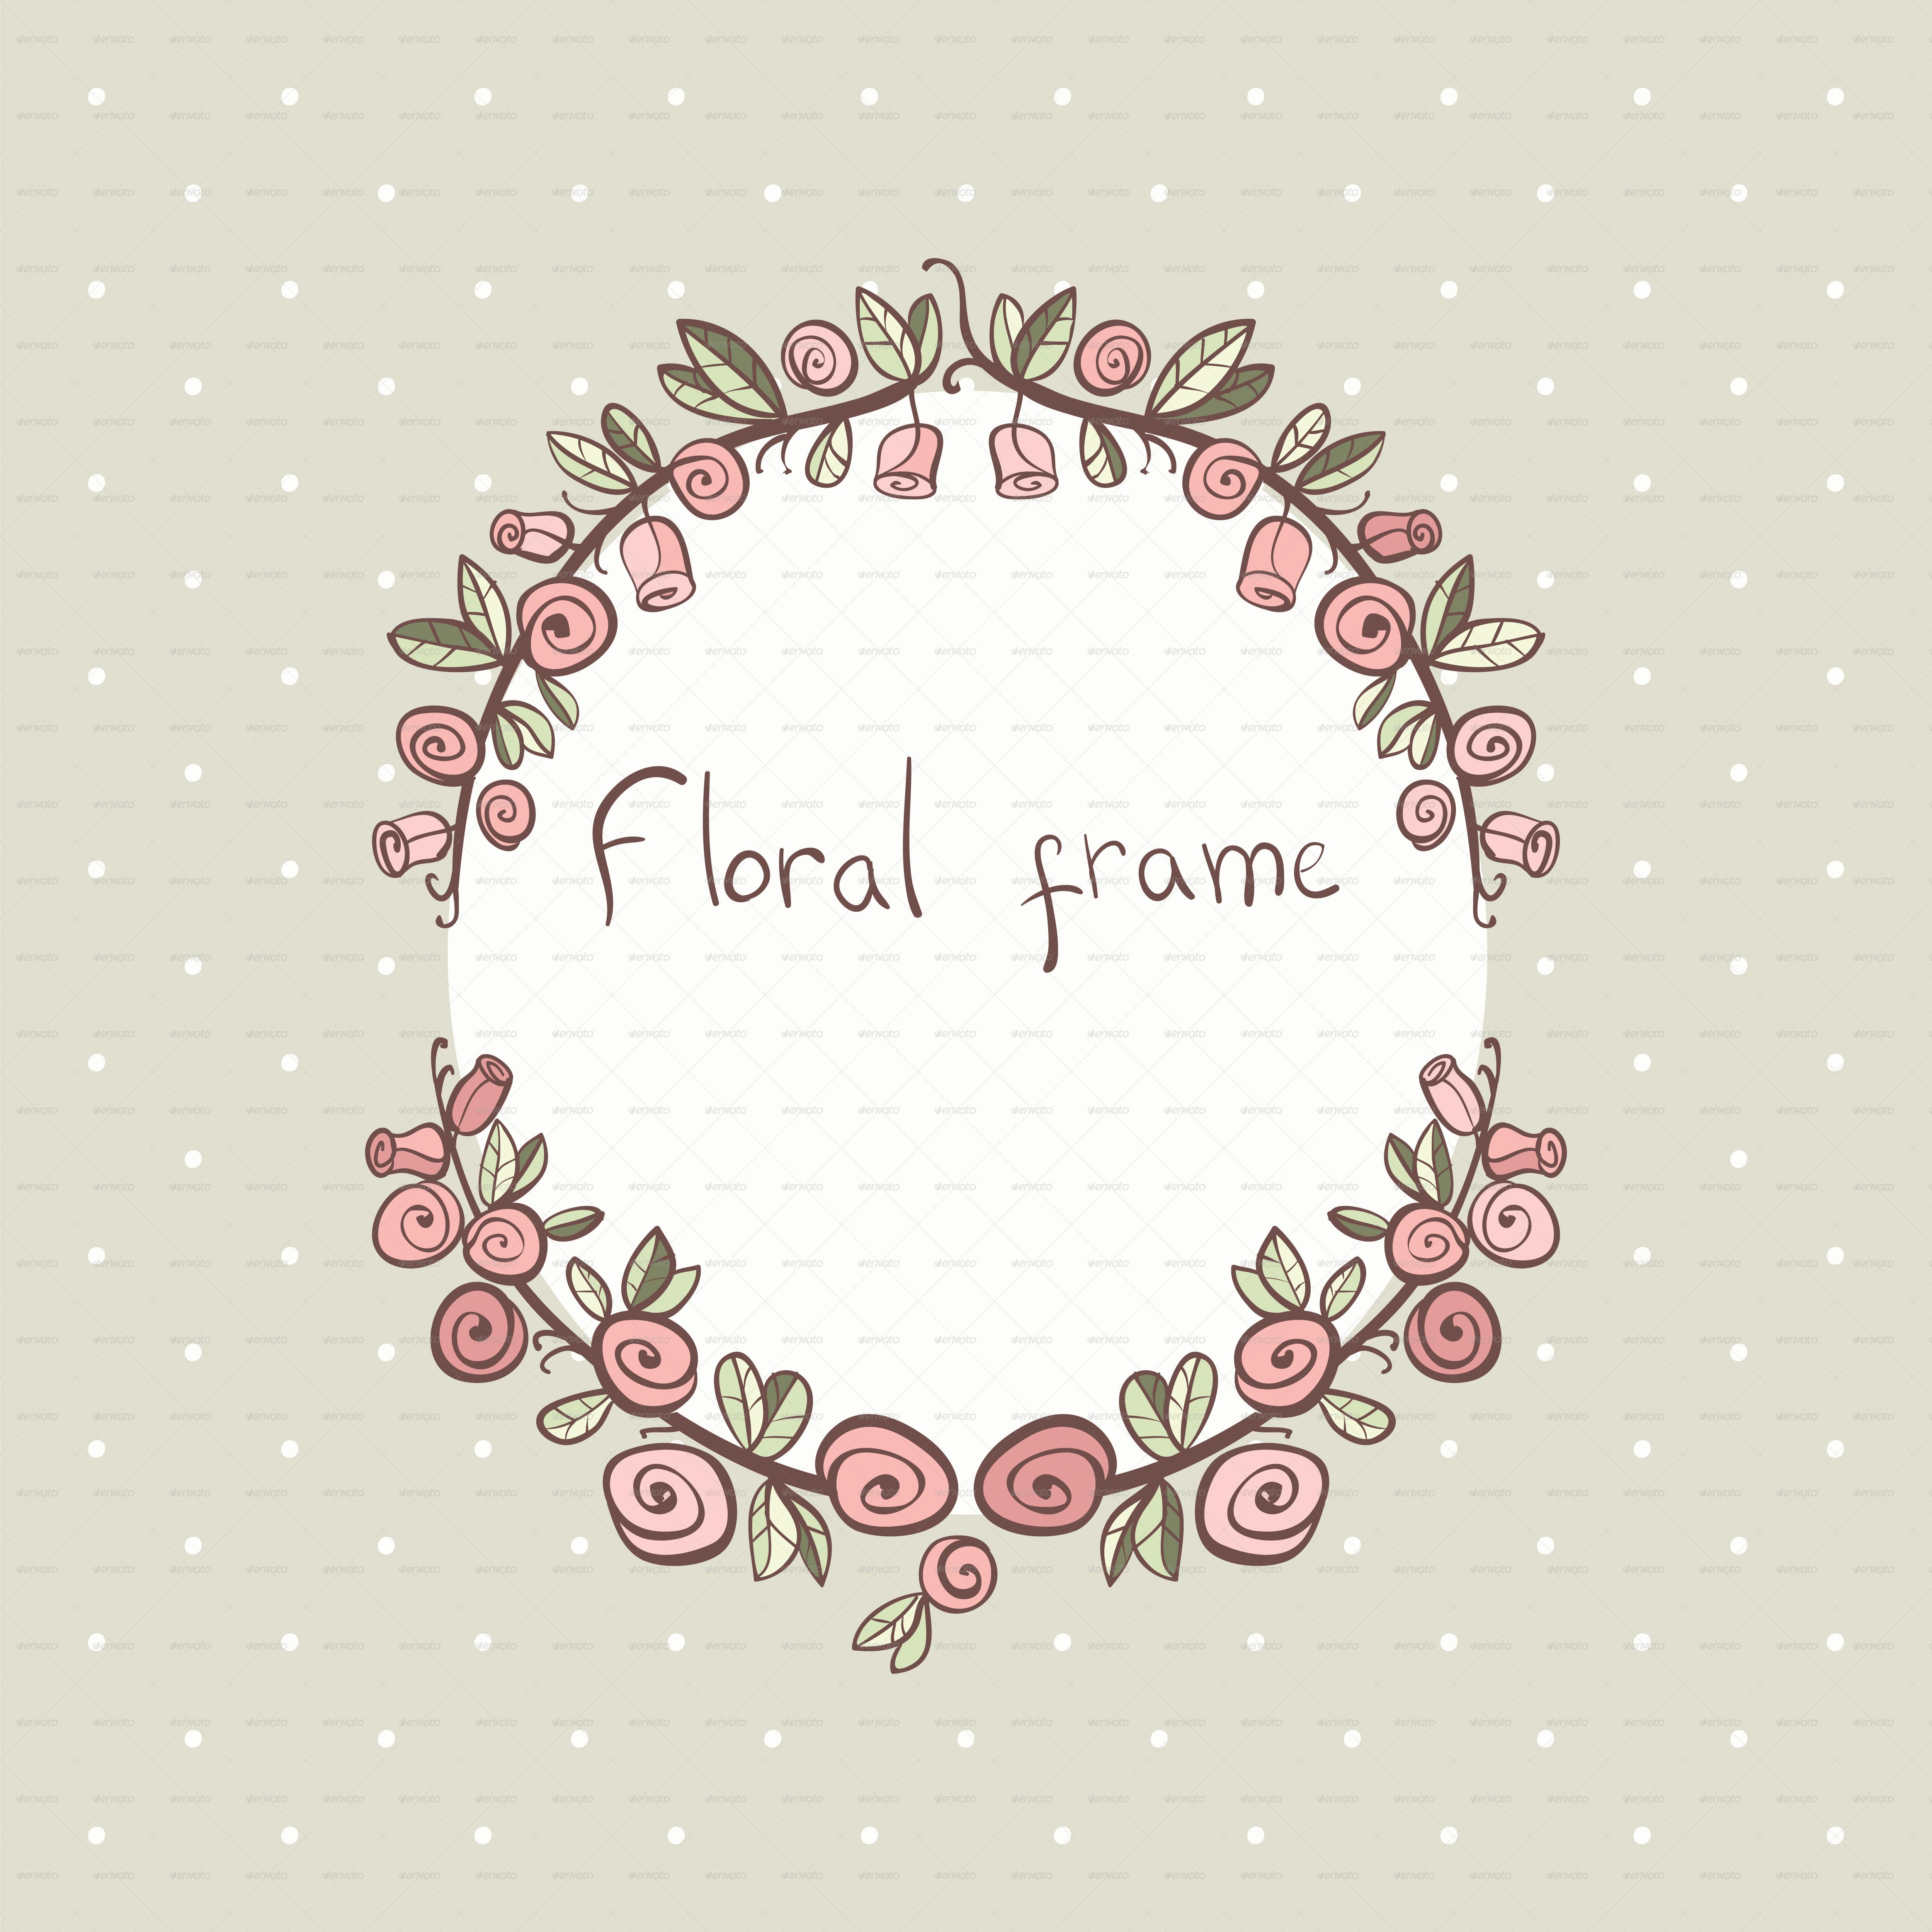 Floral Frames by Dinkoobraz   GraphicRiver